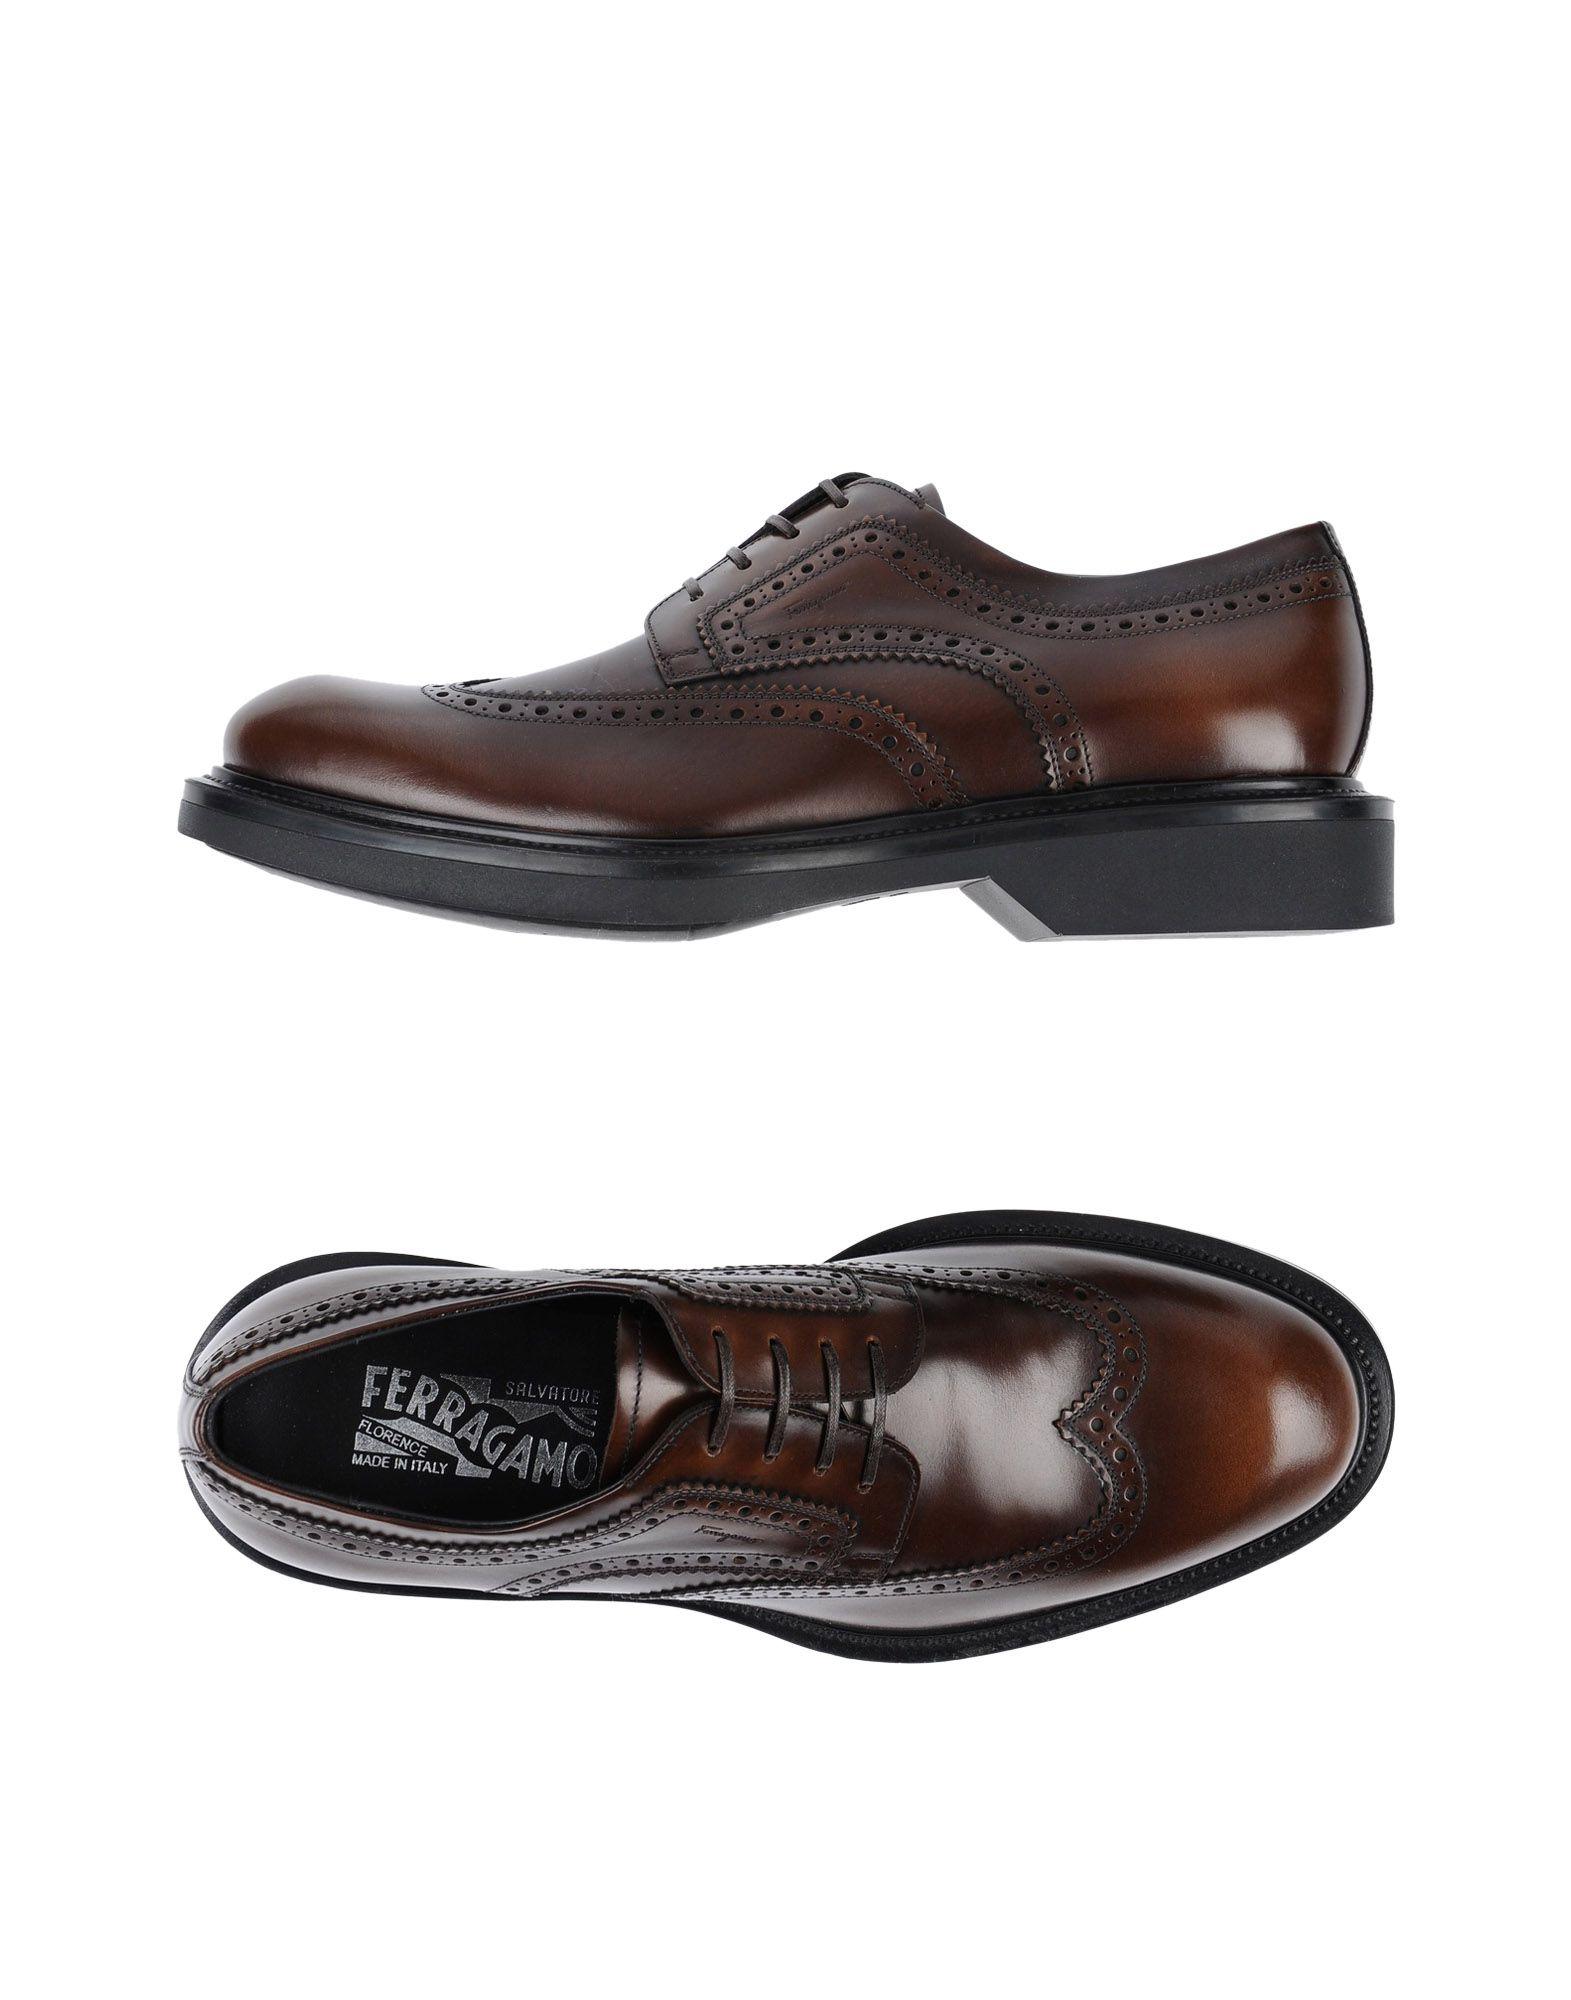 Salvatore Ferragamo Schnürschuhe Herren  11463171TB Gute Qualität beliebte Schuhe